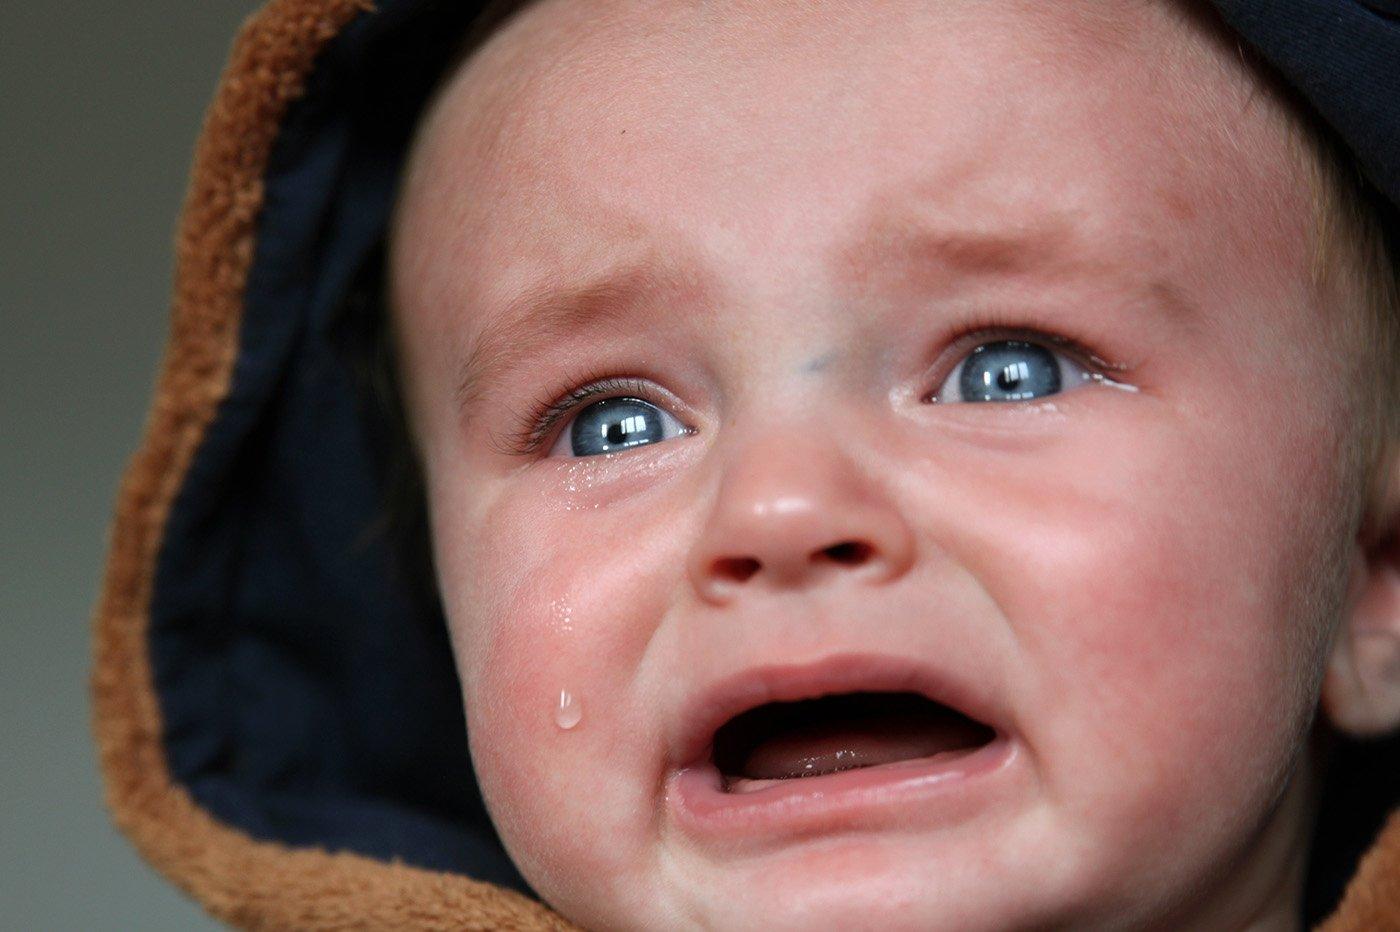 Ces bébés génétiquement modifiés étaient vraiment une très mauvaise idée